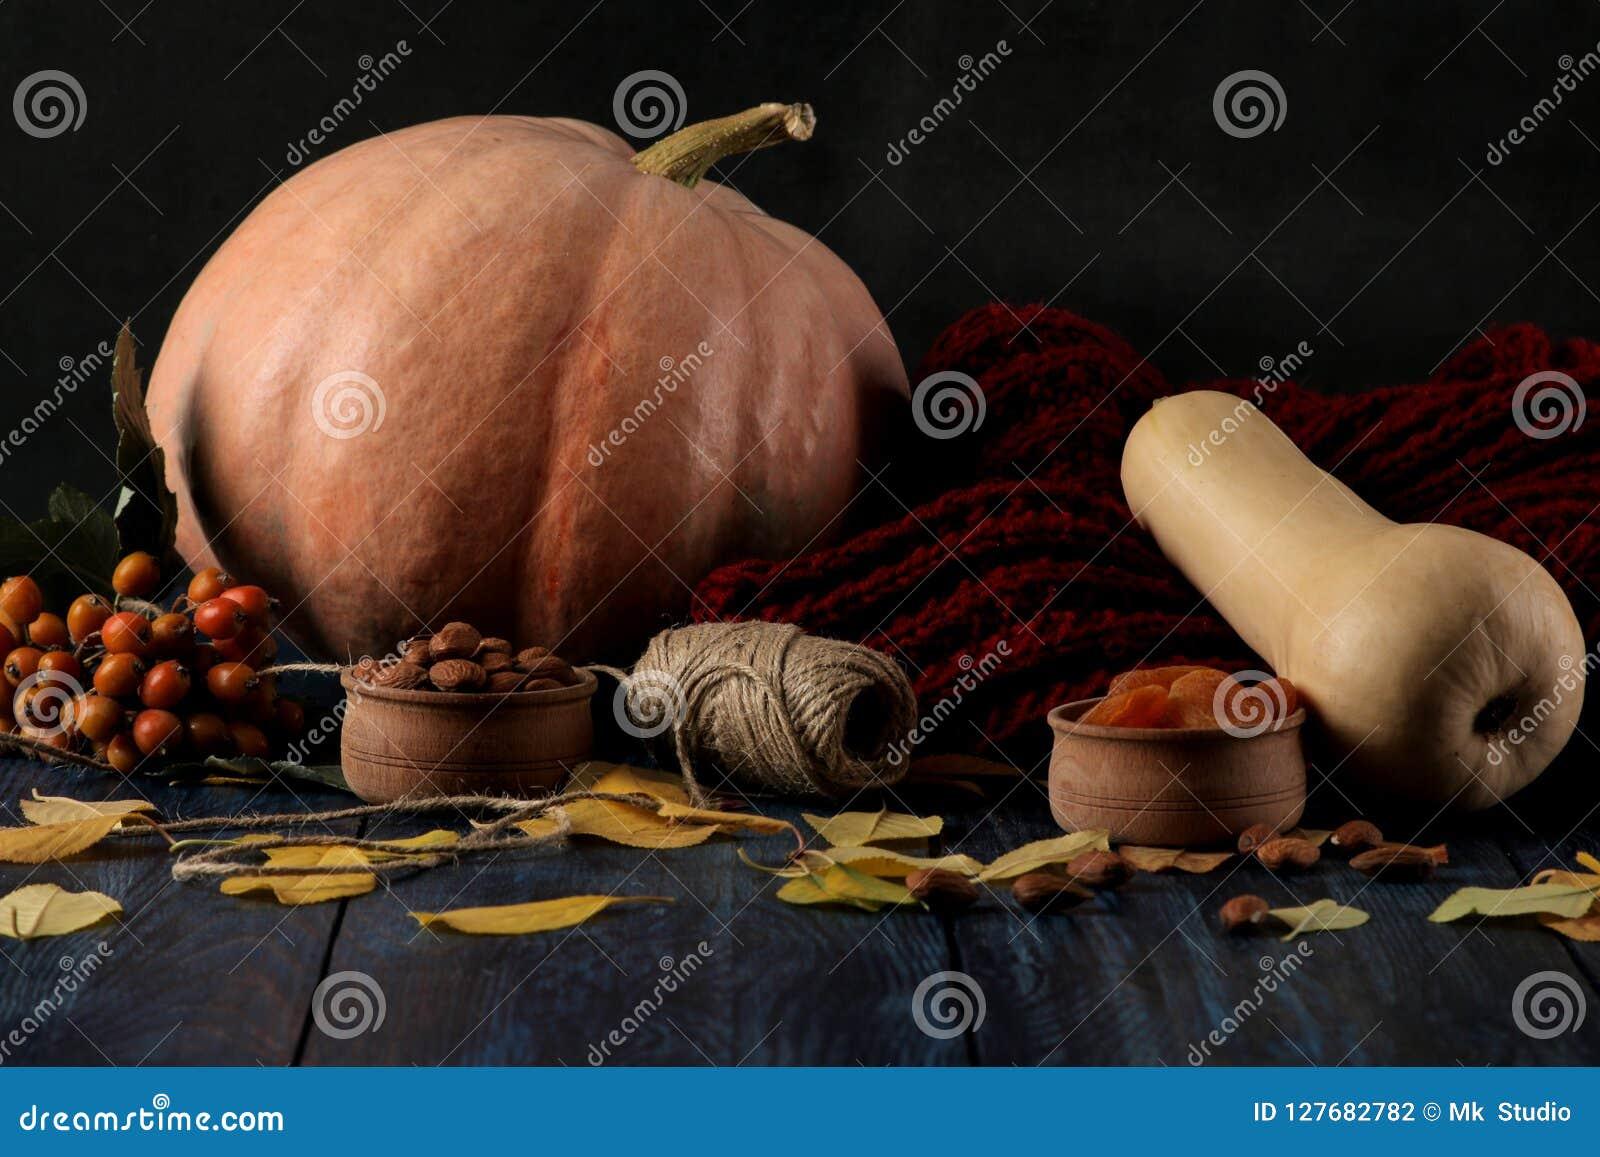 Composición del otoño con las nueces de la calabaza y bayas y una bufanda caliente en una tabla azul y un fondo negro